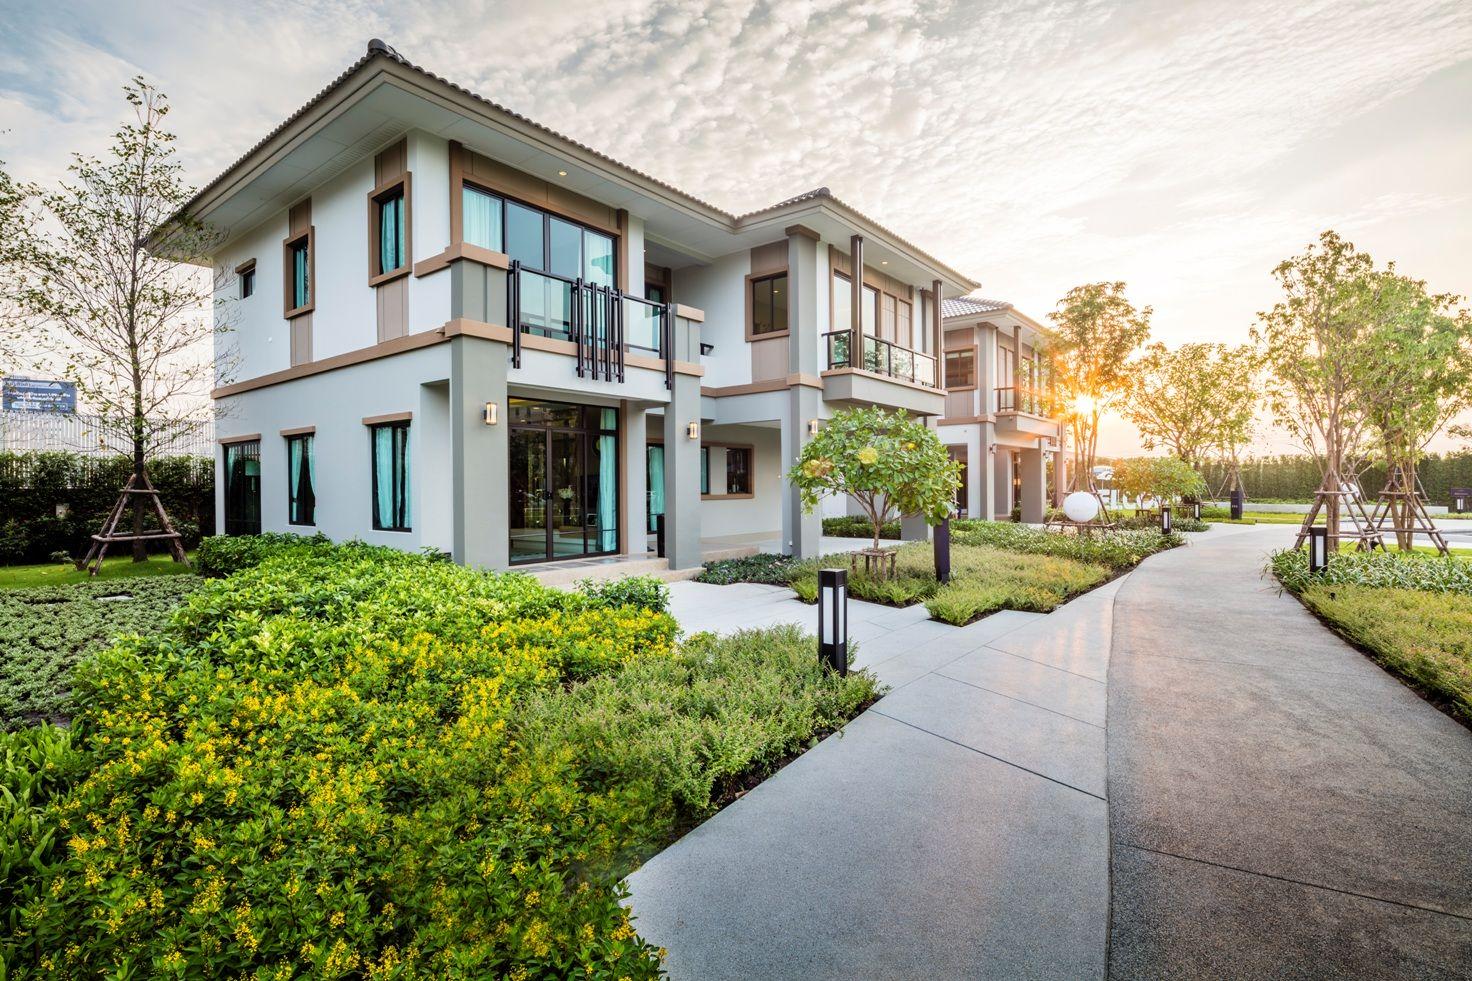 เลือกซื้อบ้านจัดสรร ตามโครงการต่างๆ แบบไหนให้สะดวกสบาย